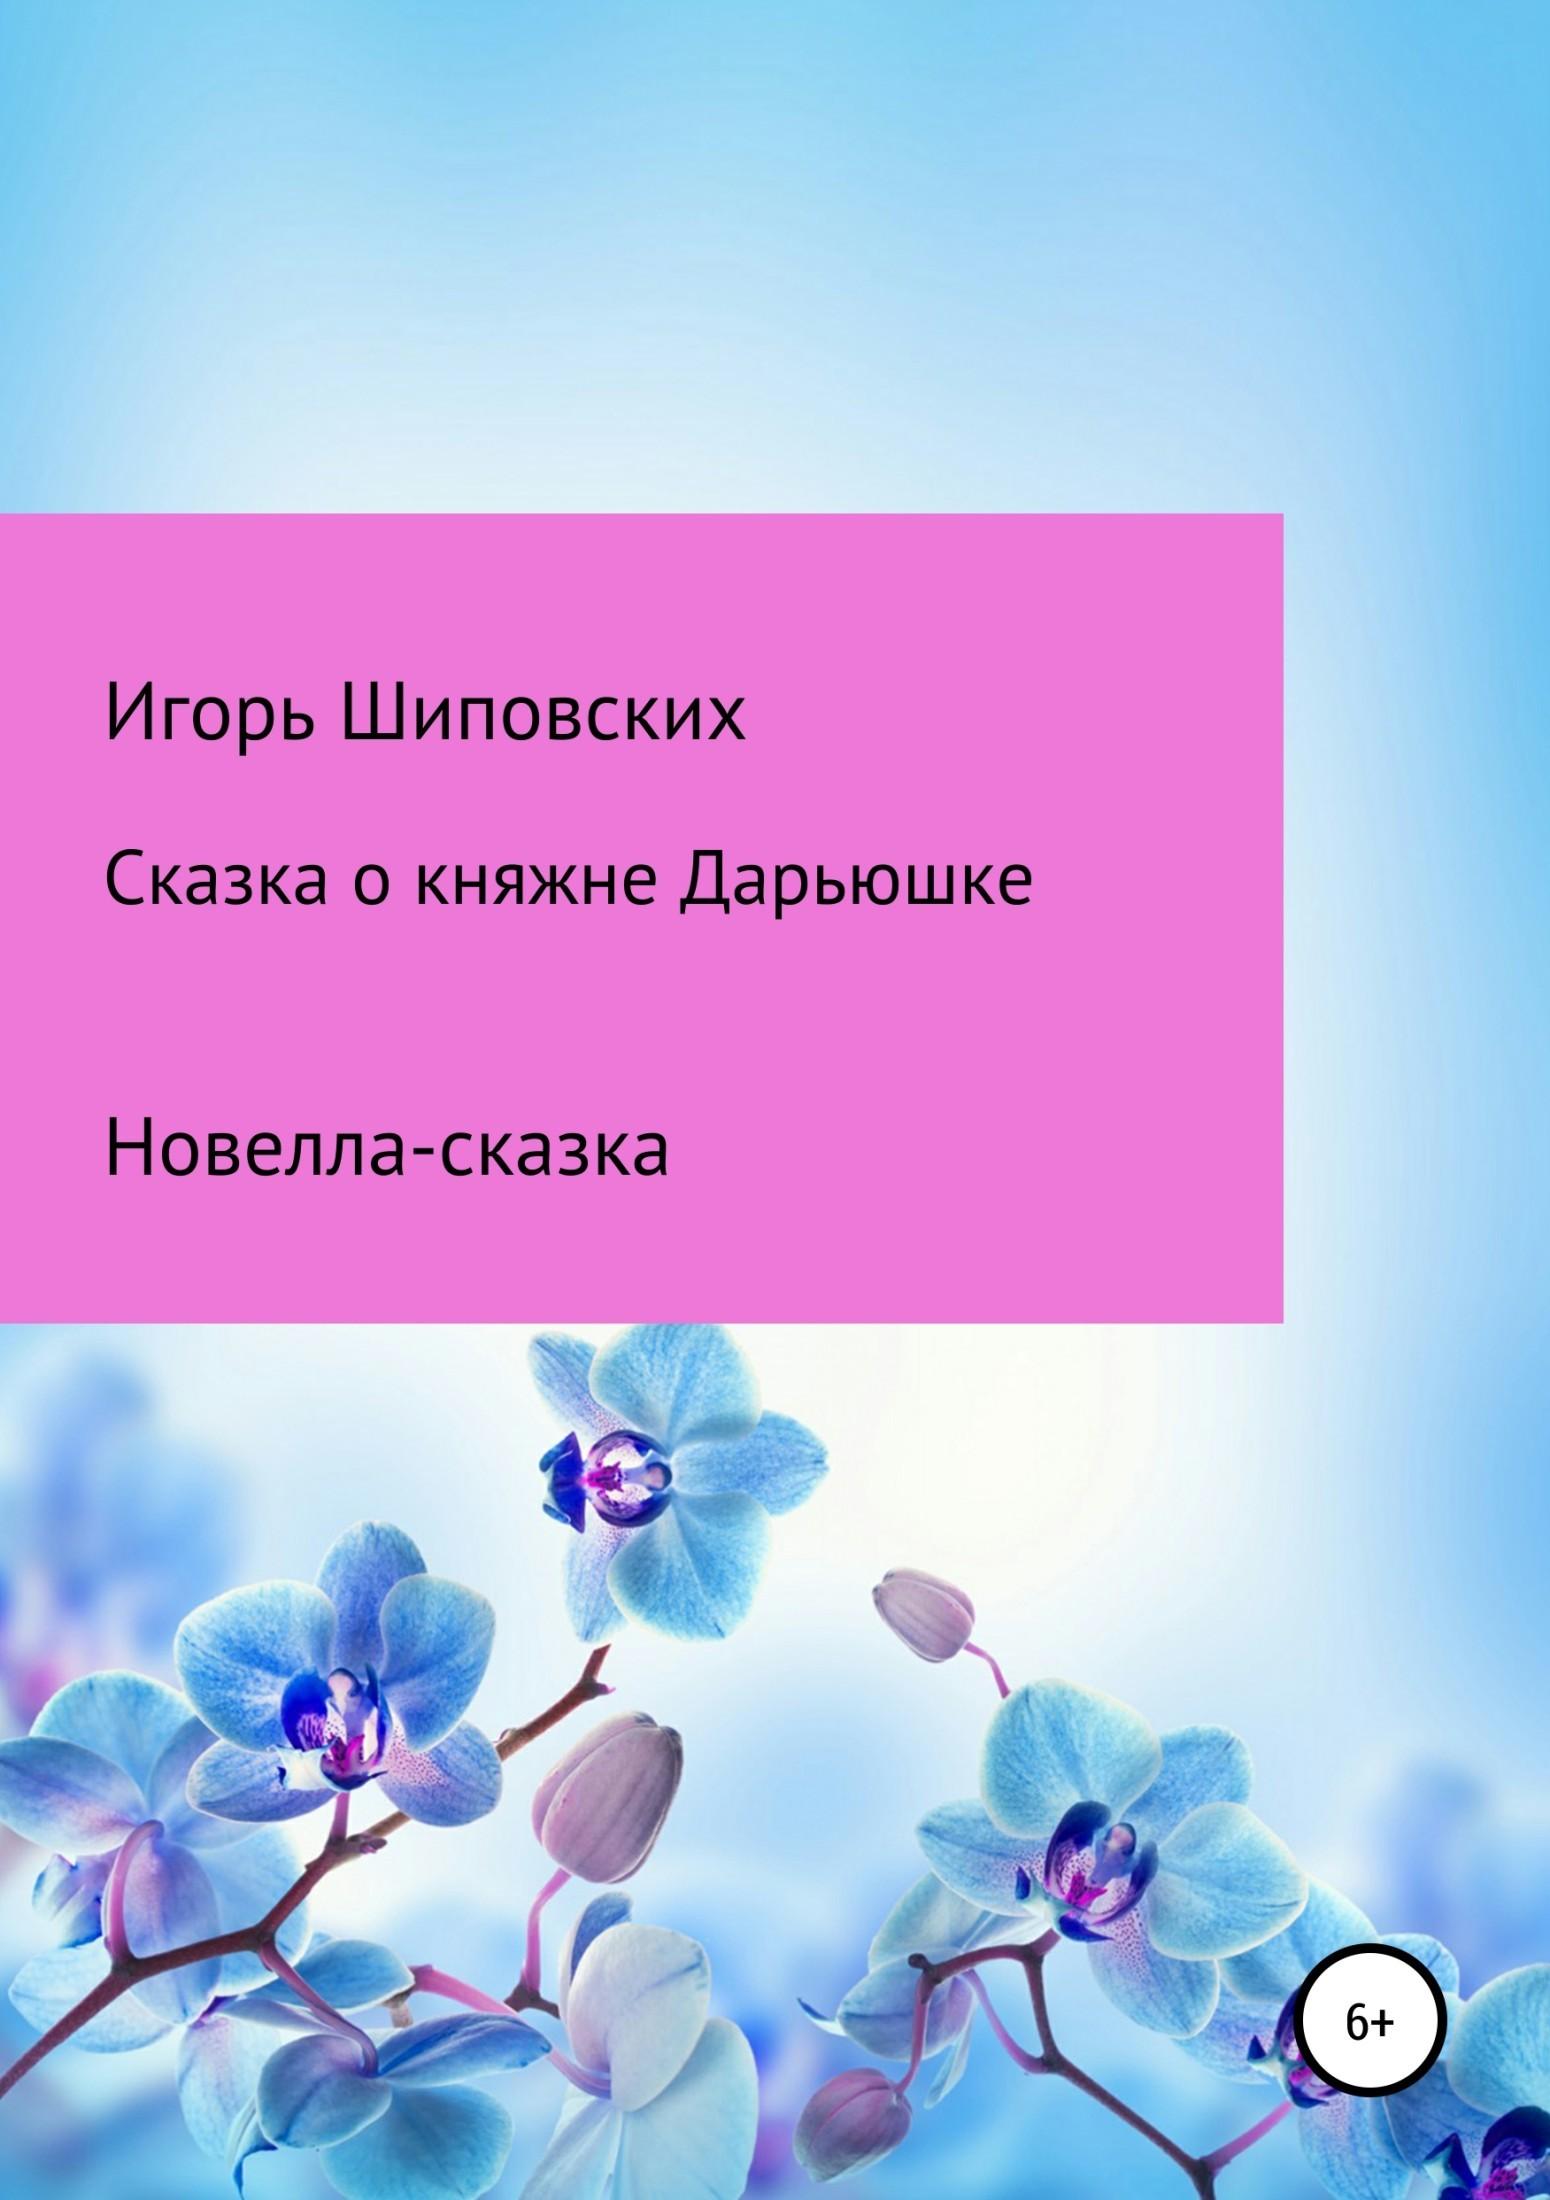 Игорь Шиповских - Сказка о княжне Дарьюшке